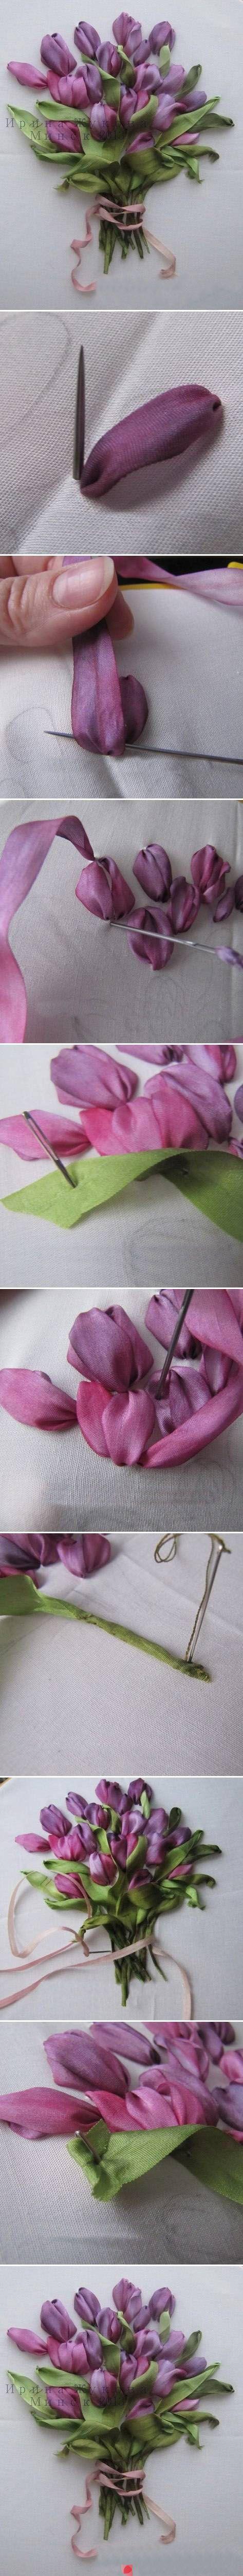 Объемная вышивка лентами.